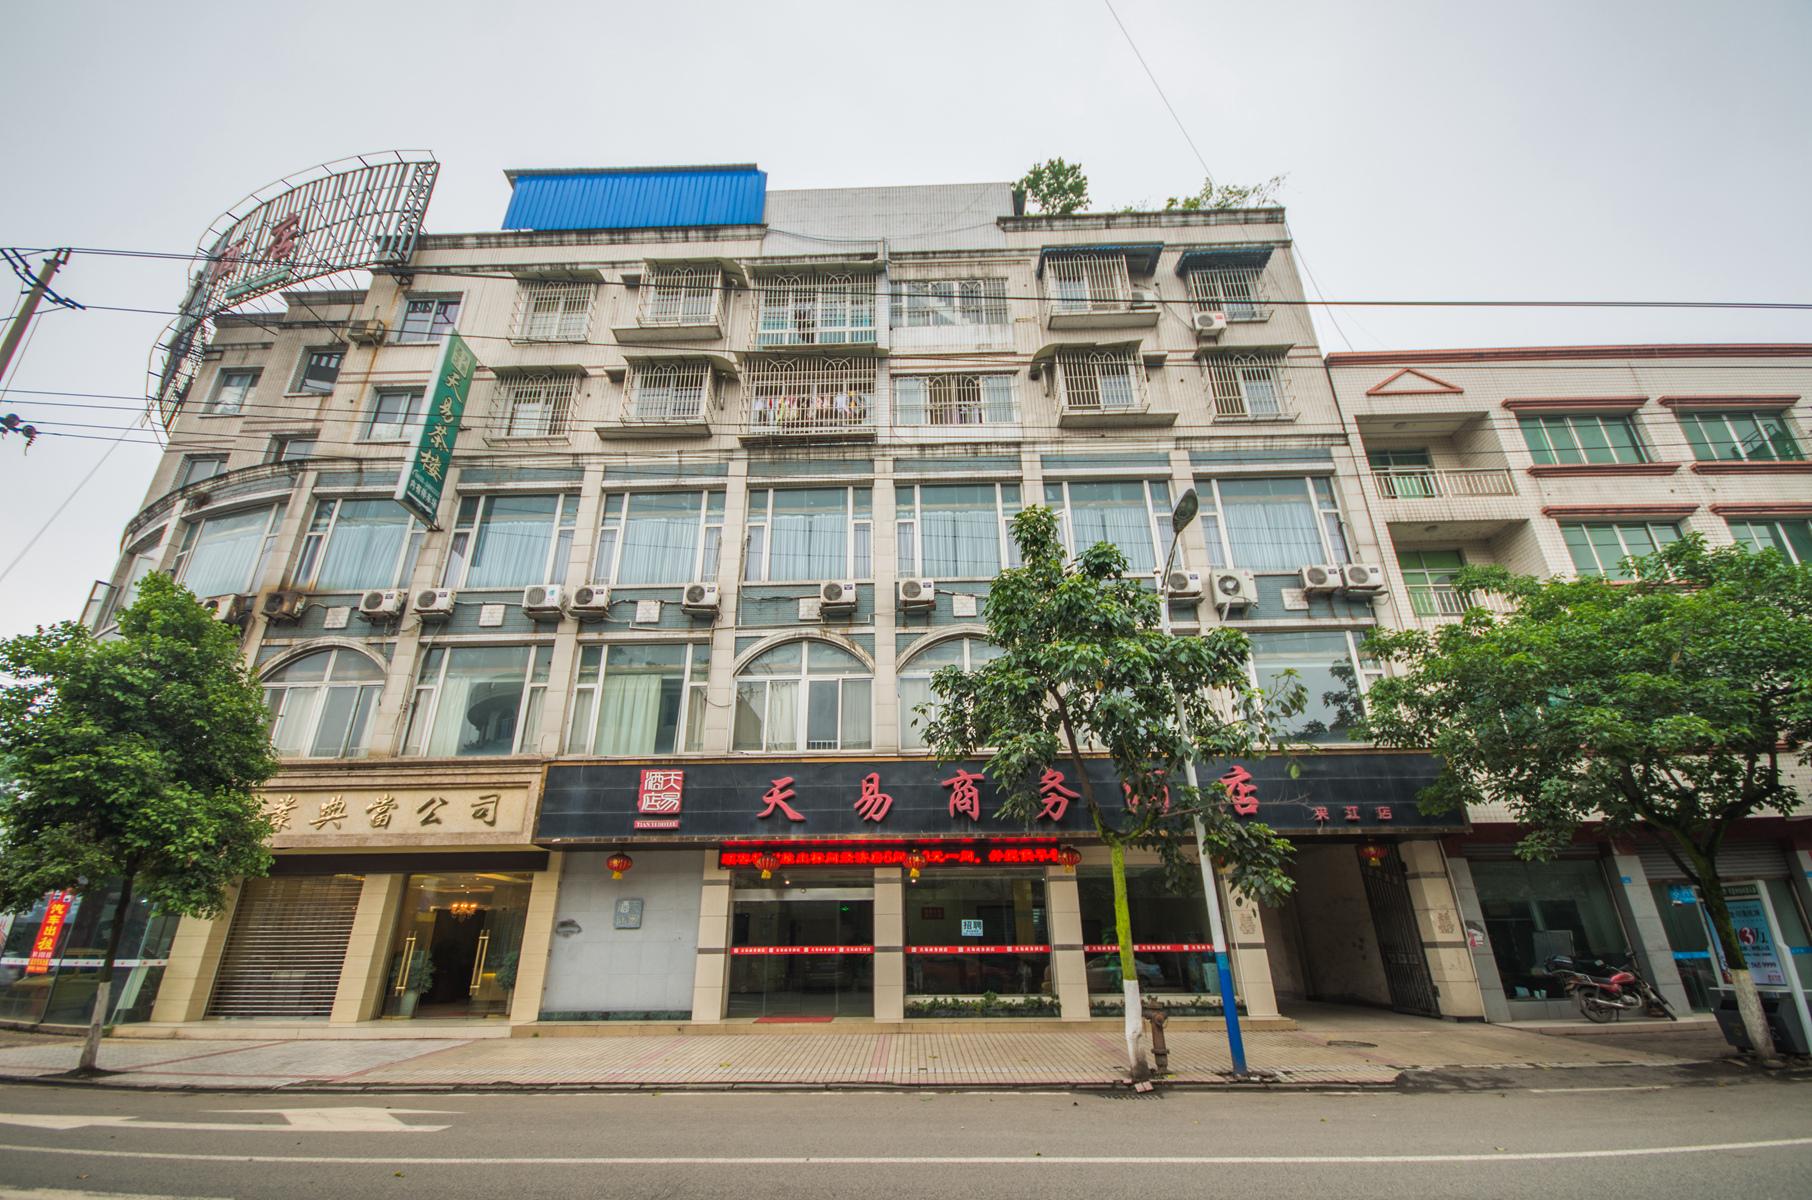 乐山夹江天易商务酒店